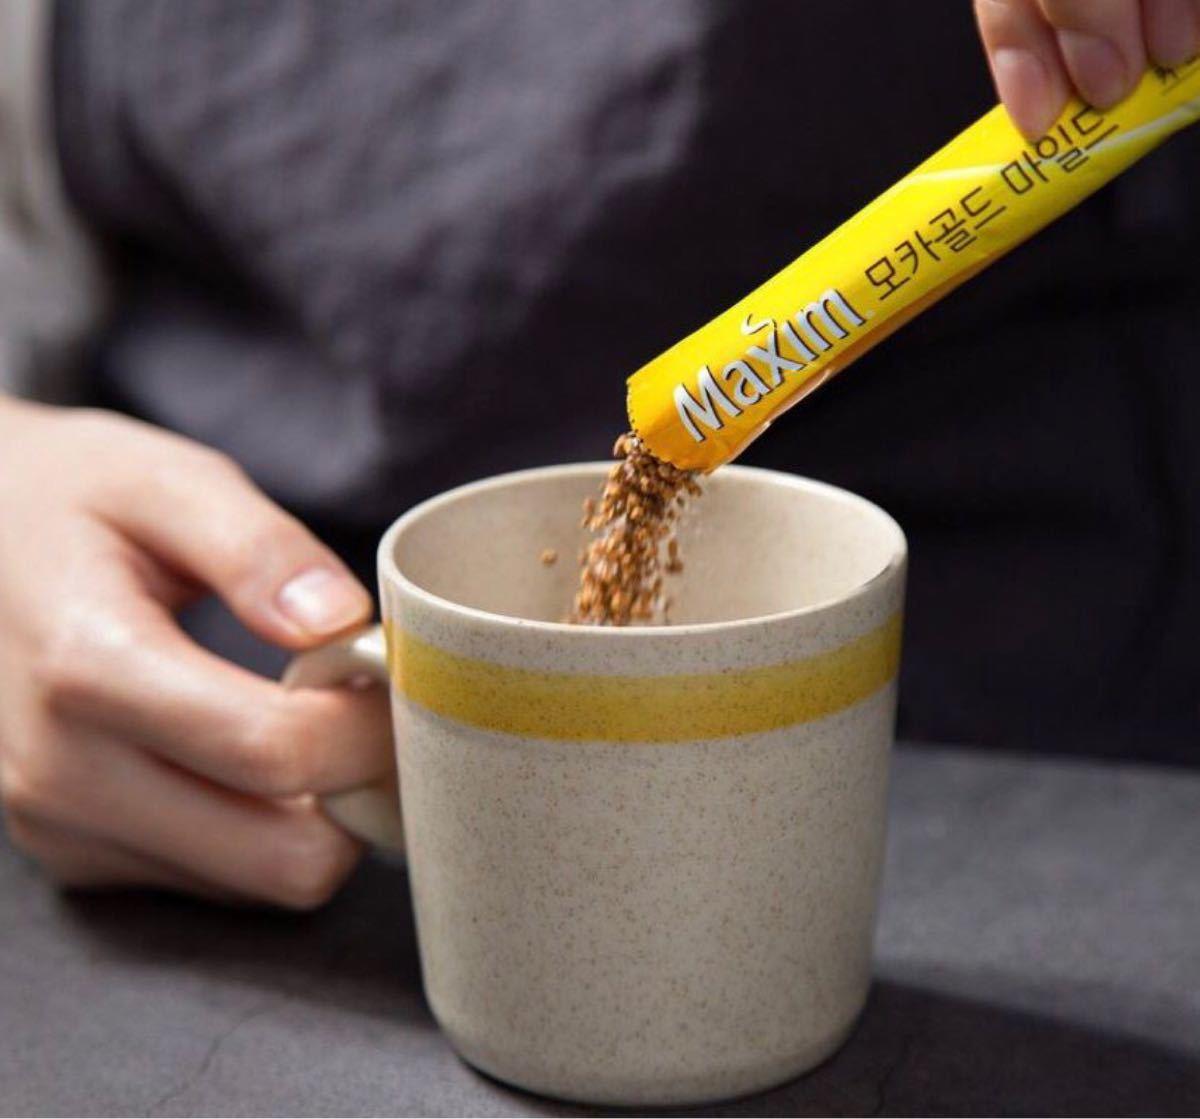 韓国 Maxim (マキシム) コーヒーミックス モカゴールド20本 スティックコーヒー インスタントコーヒー